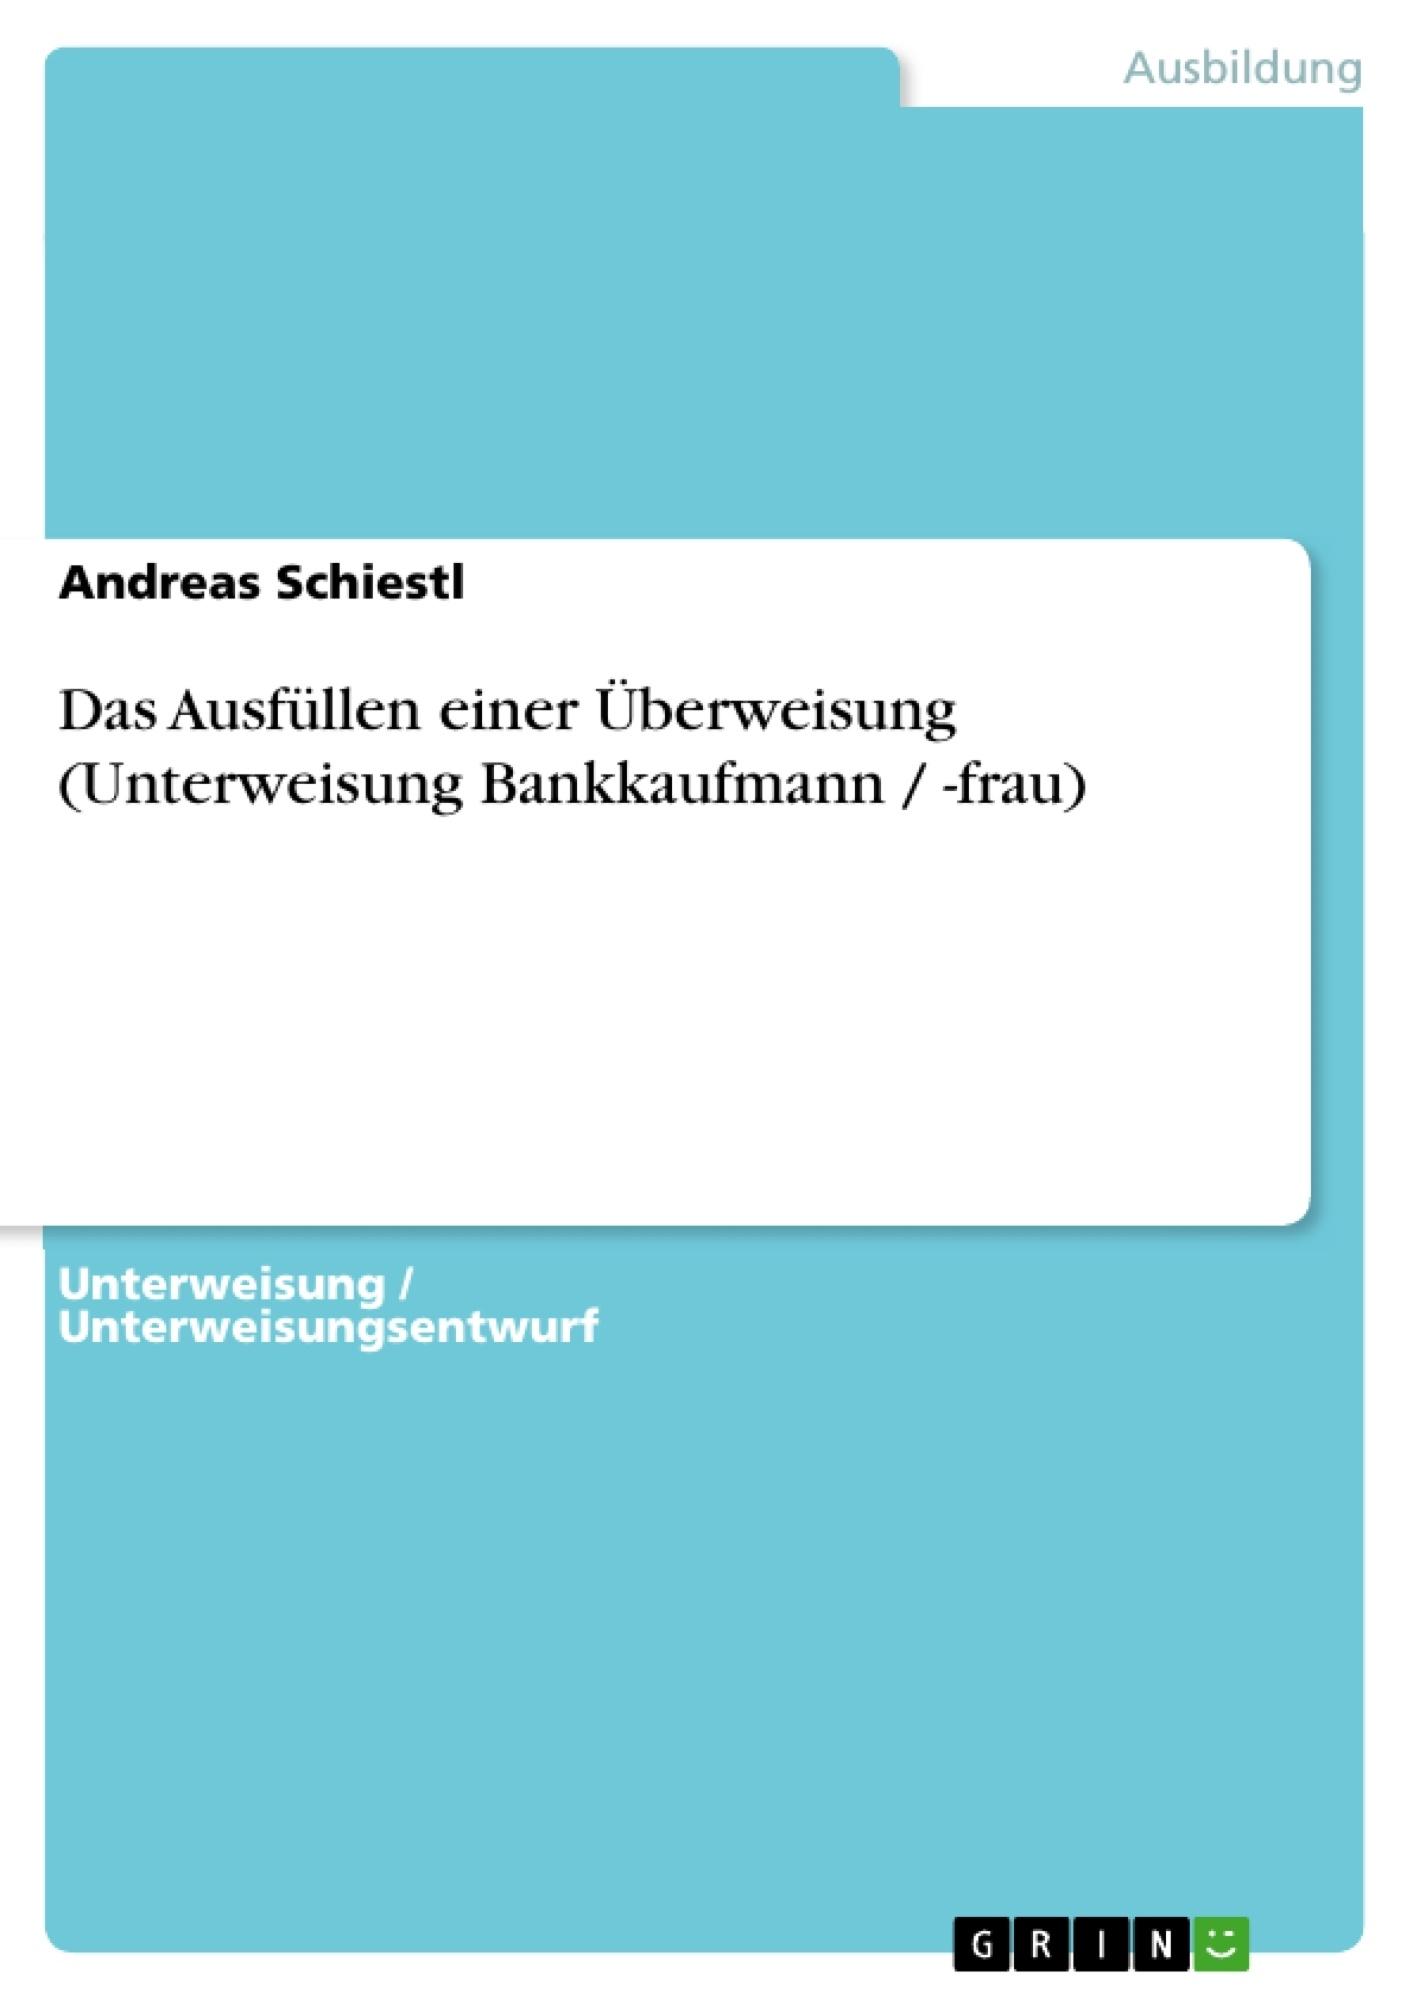 Titel: Das Ausfüllen einer Überweisung  (Unterweisung Bankkaufmann / -frau)